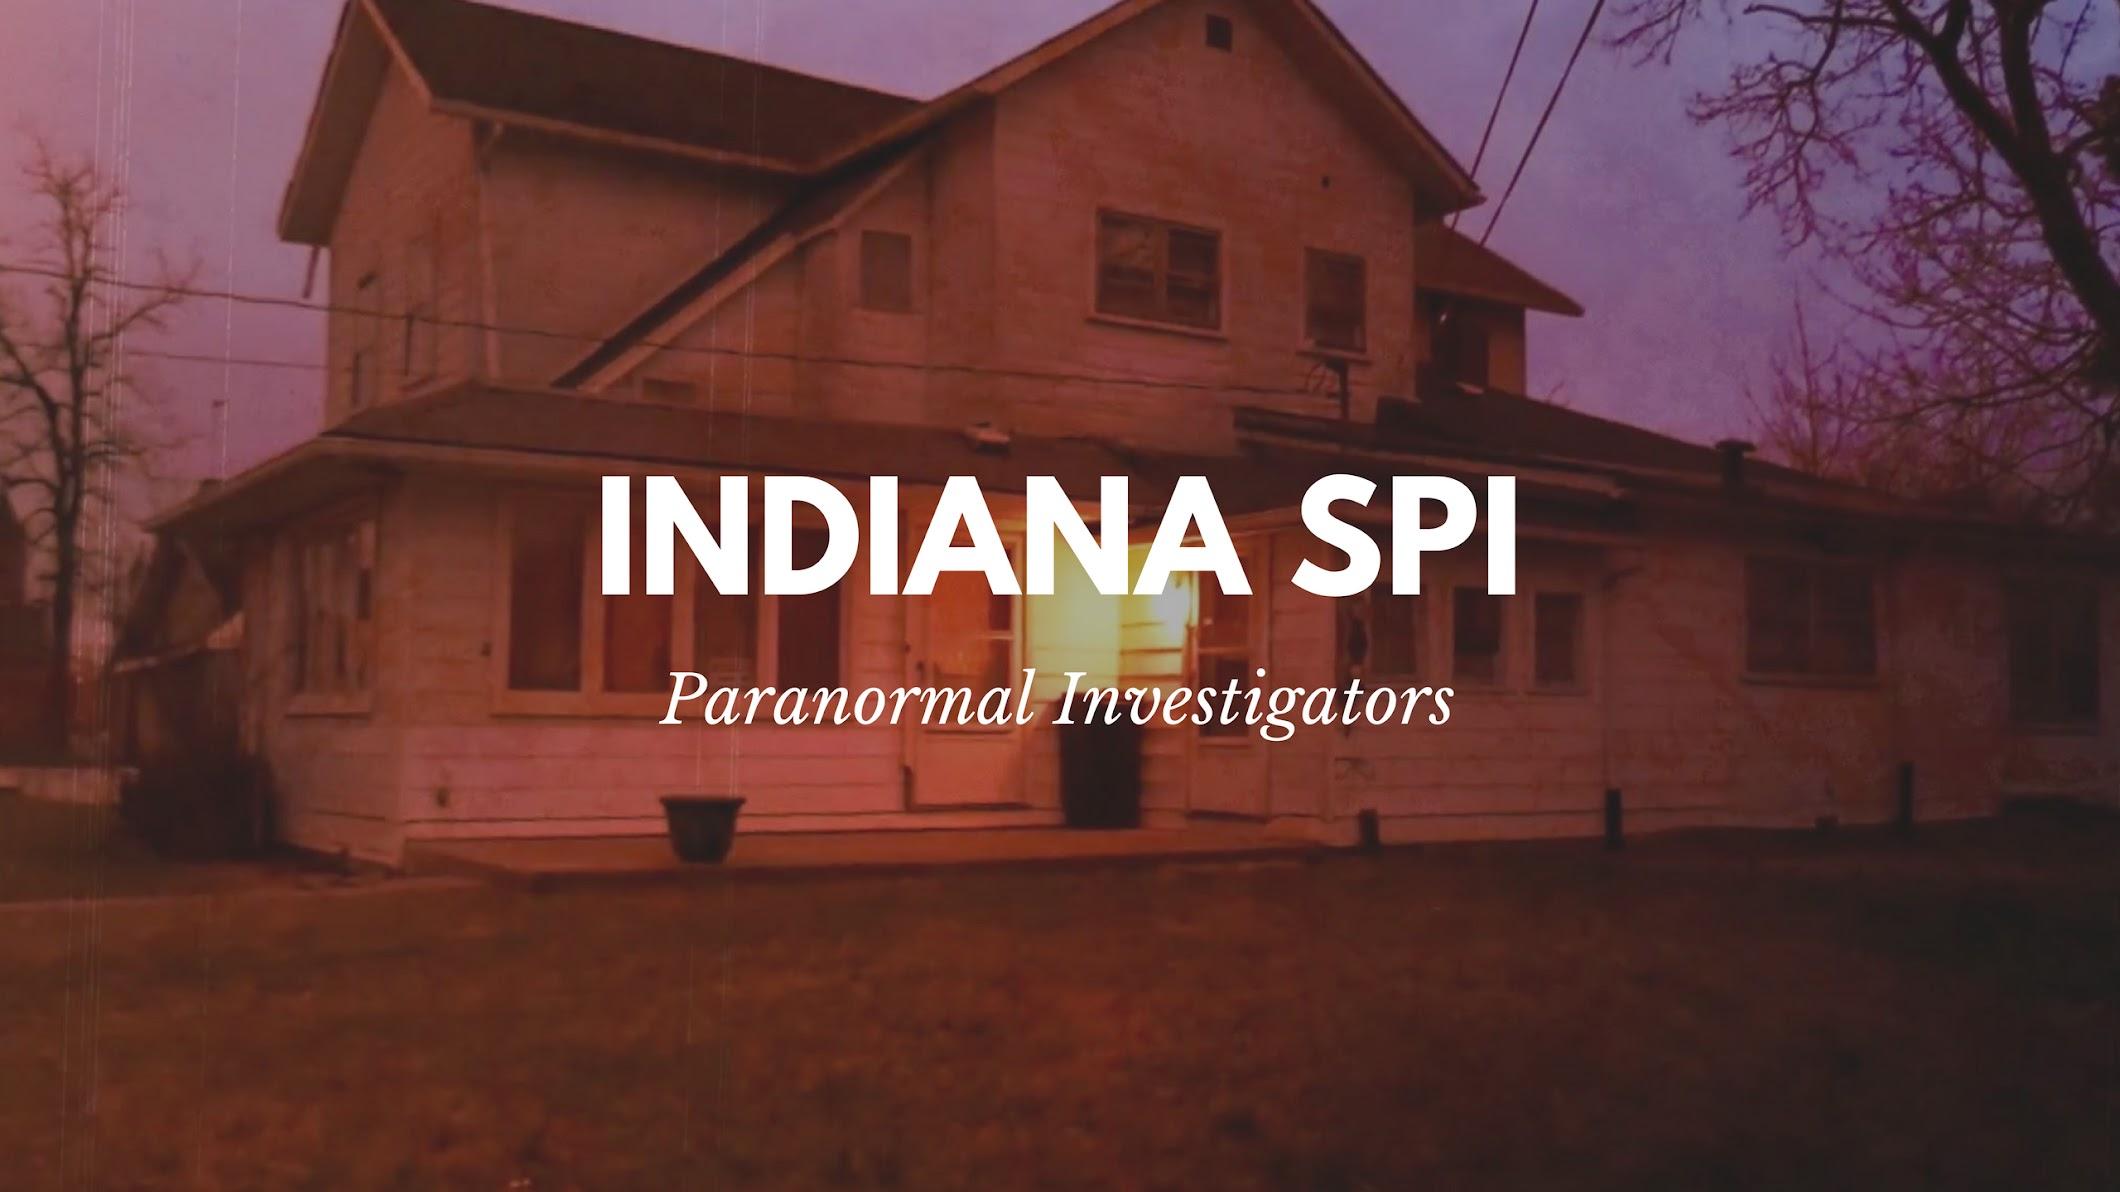 Indiana SPI